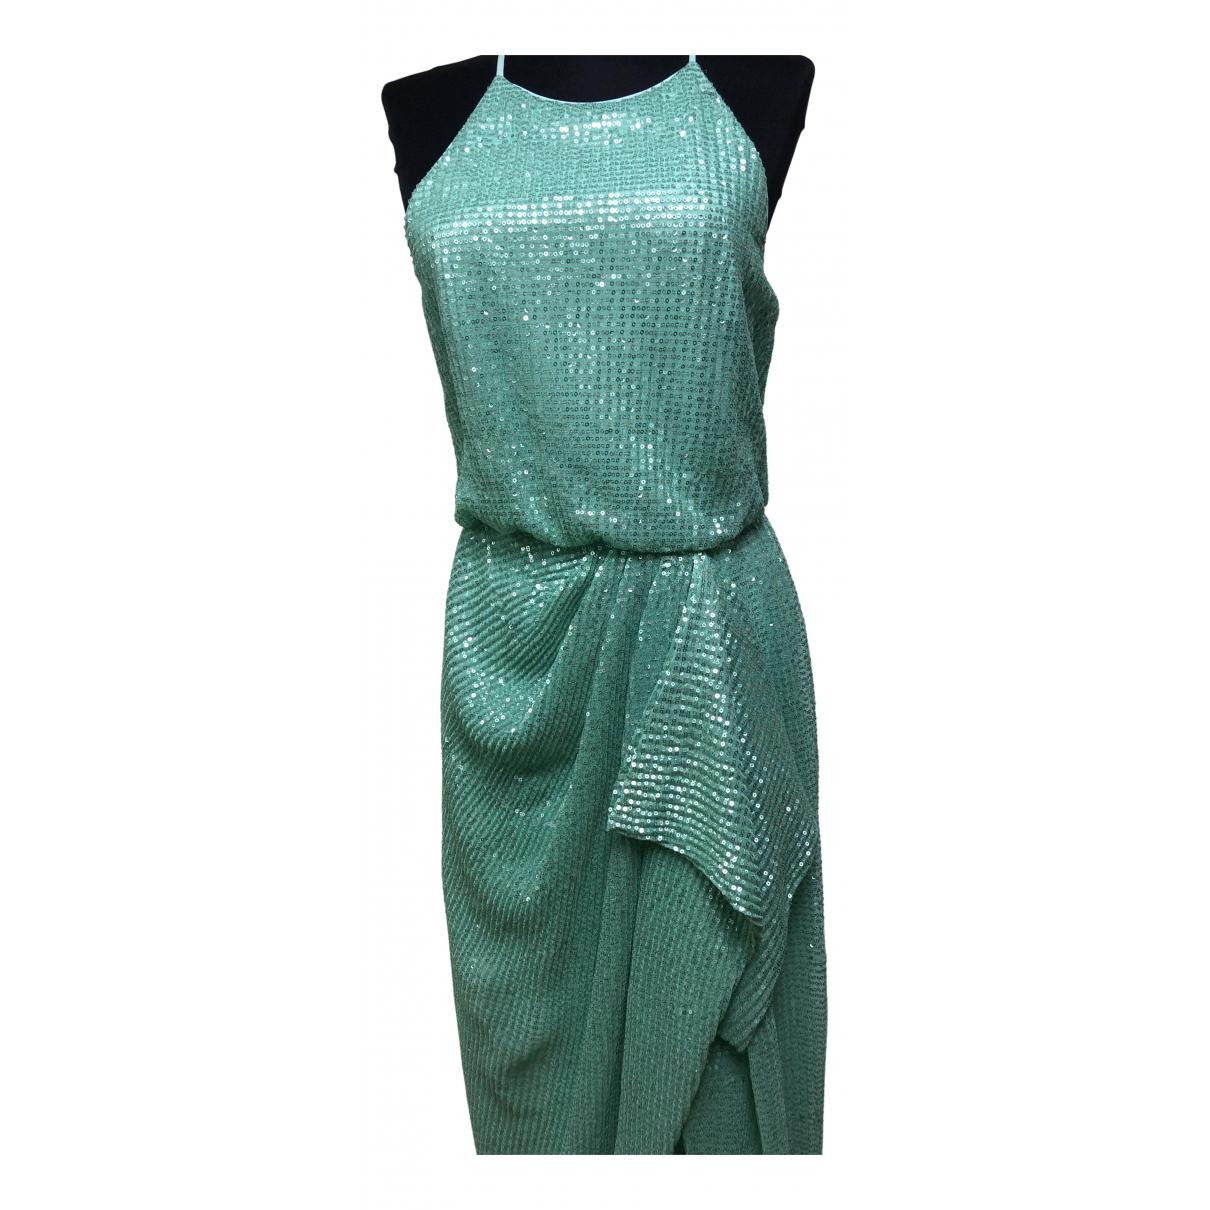 Badgley Mischka \N Kleid in  Tuerkis Polyester